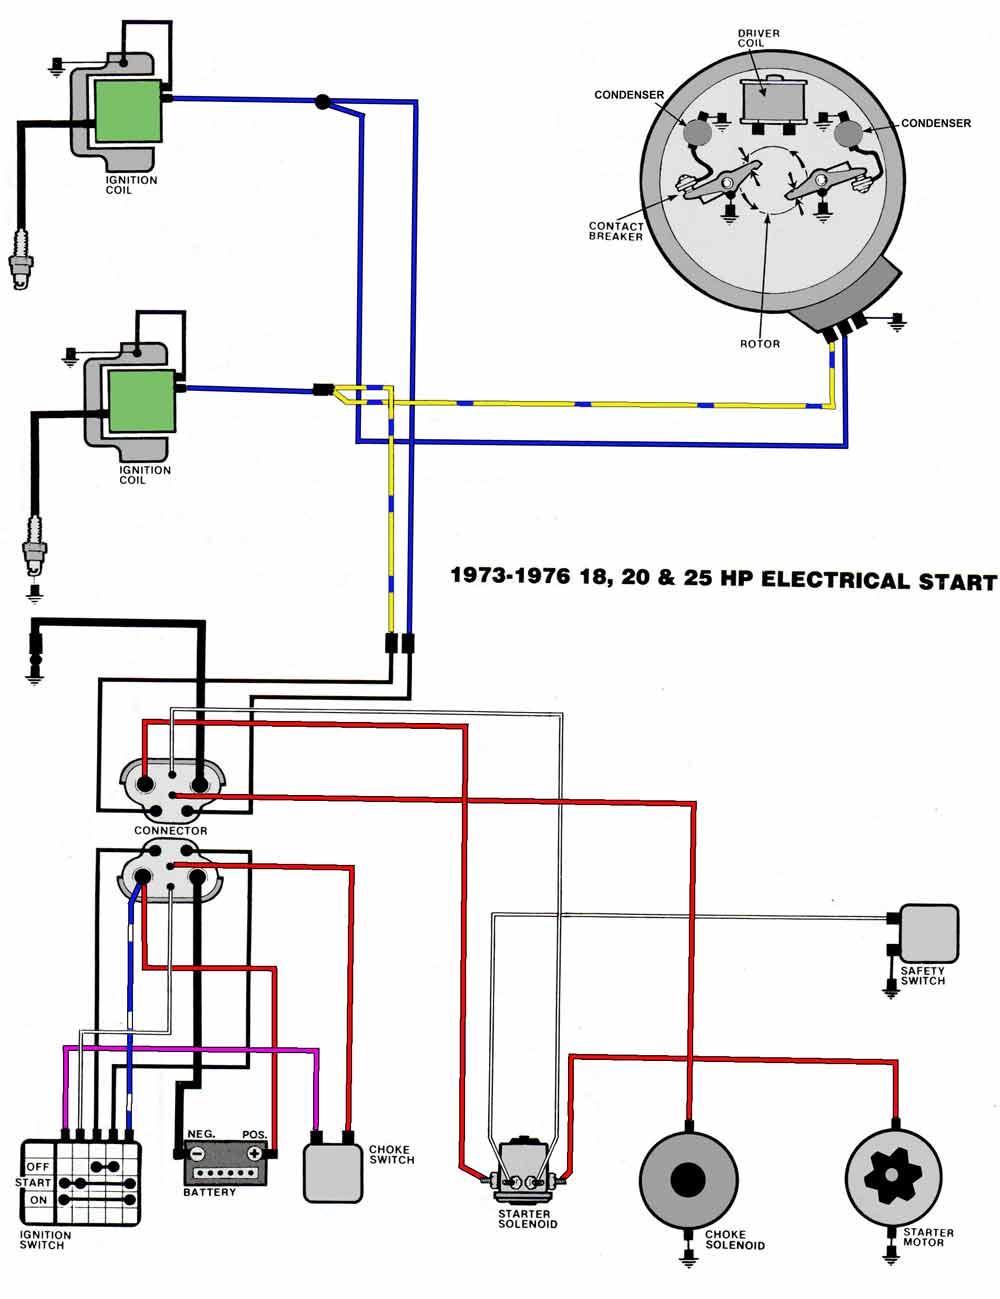 Johnson 28 Hp Wiring Diagram Electrical Wiring Diagrams 1996 Evinrude  Outboard Wiring Diagram 25 Hp Evinrude Wiring Diagram